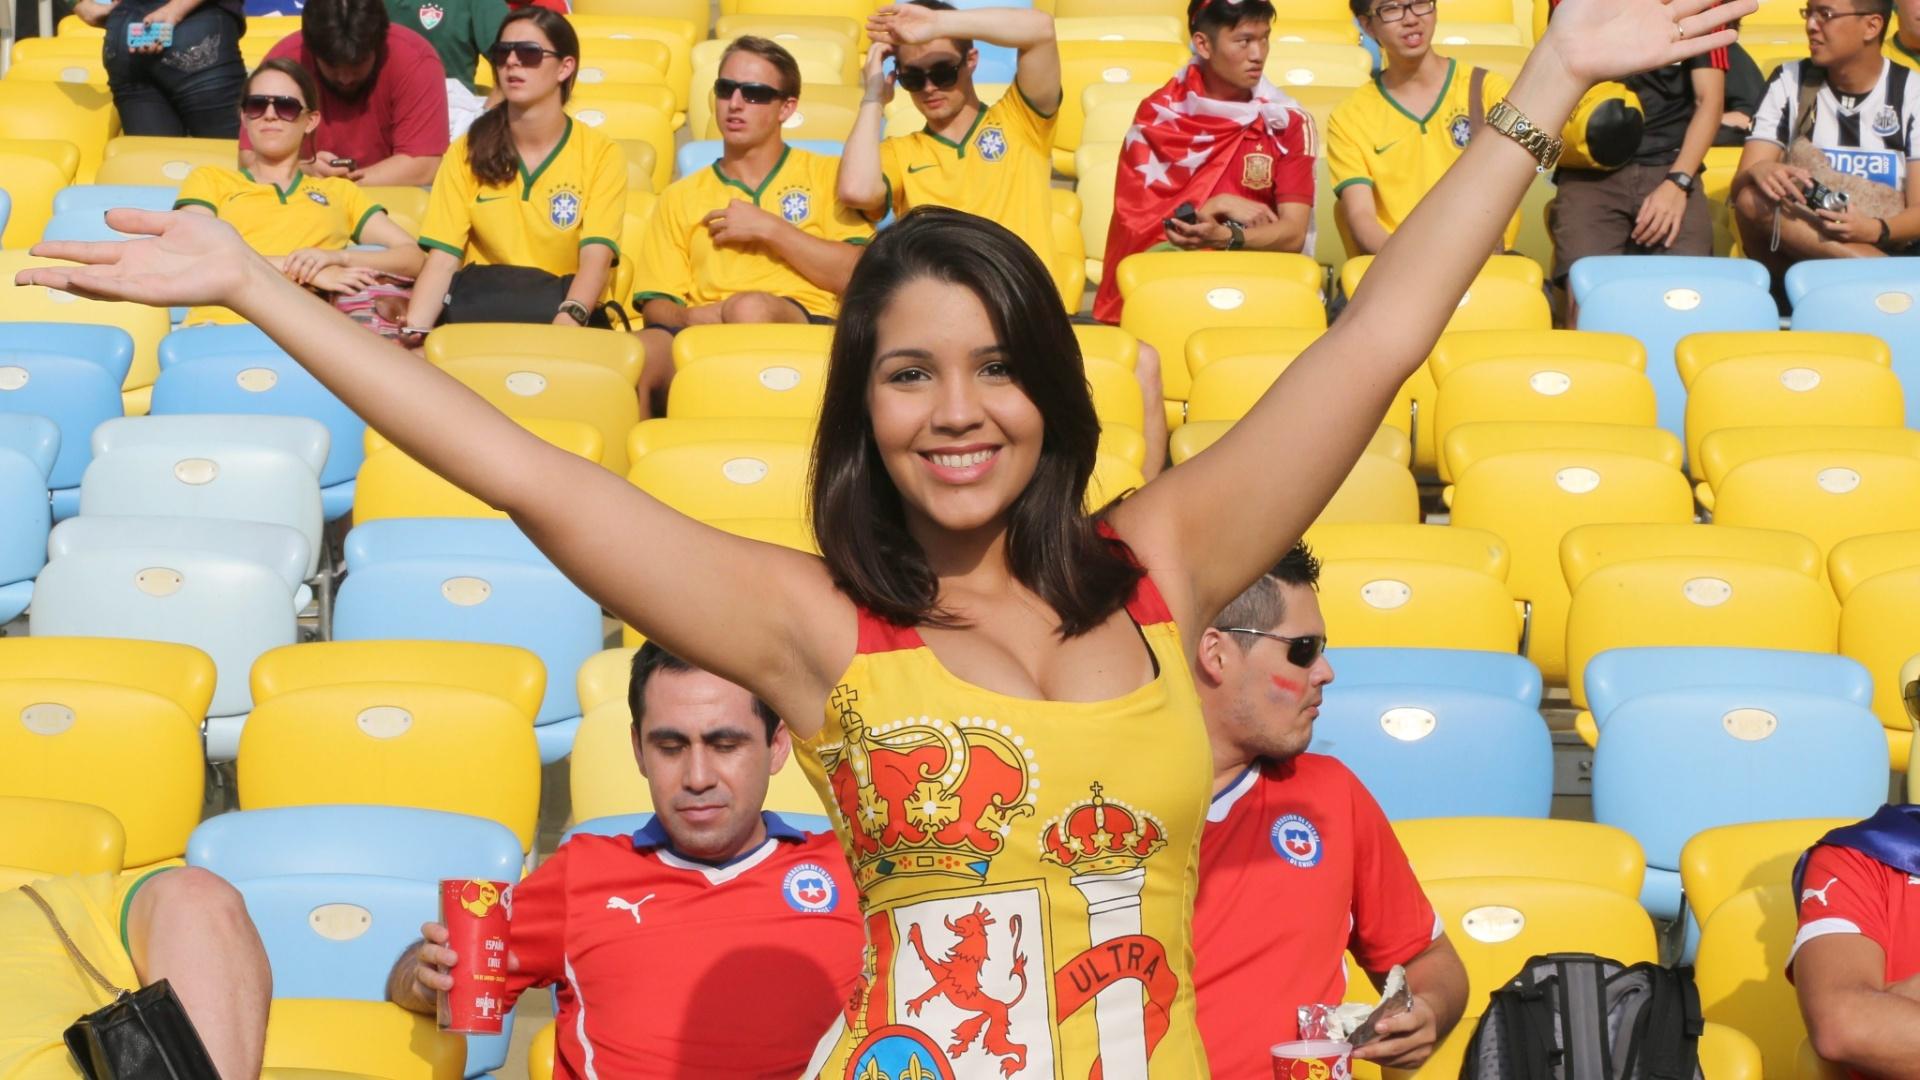 18.jun.2014 - Antes do jogo contra o Chile, esta bela torcedora da Espanha era só sorrisos no Maracanã